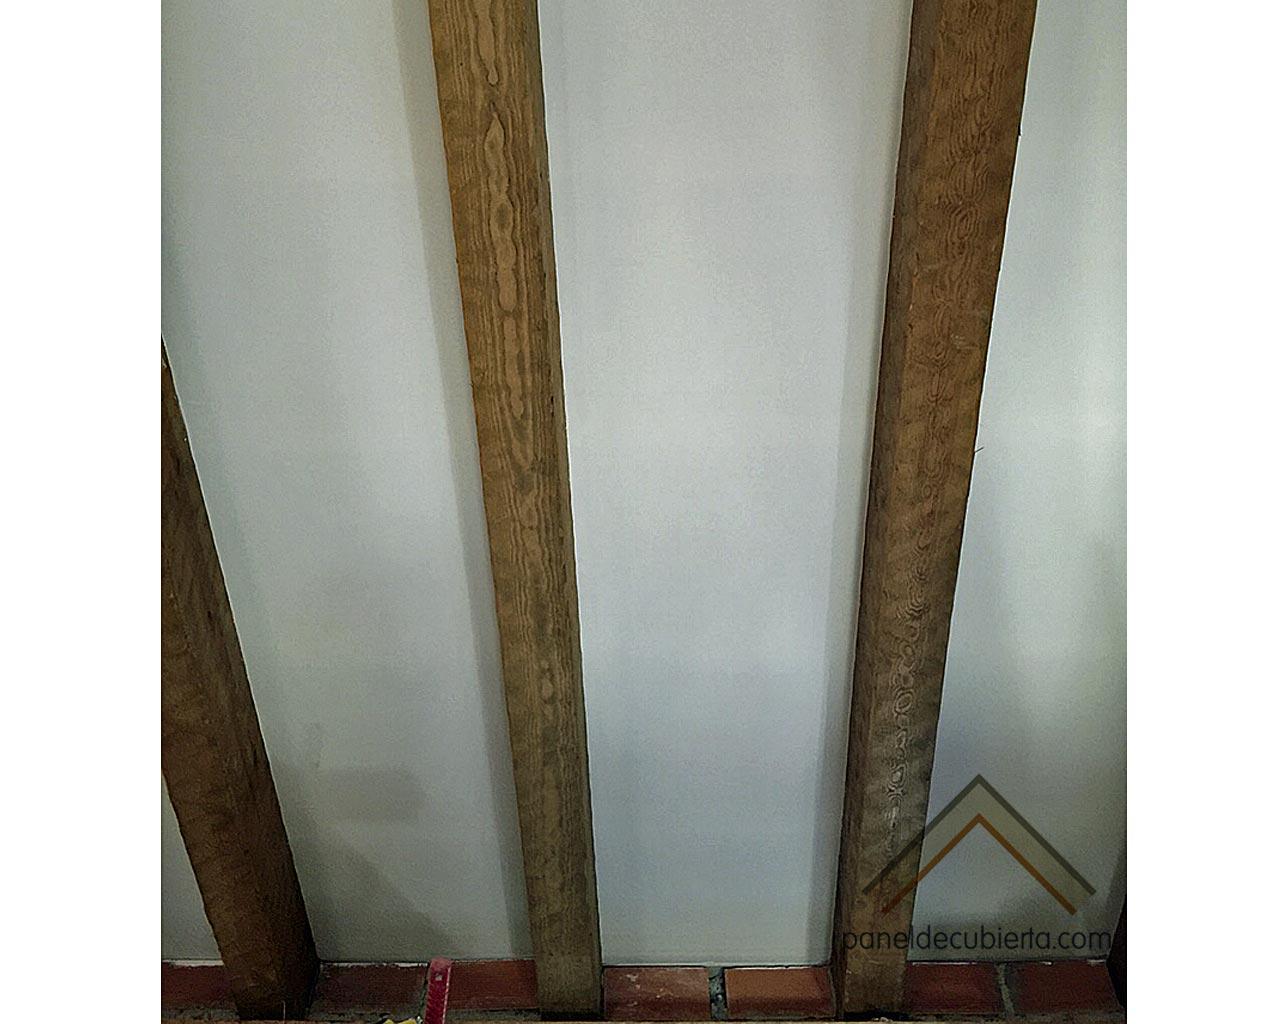 Panel de cubierta acabado cartón yeso knauf rematado y pintado por Gurpel Construcciones.